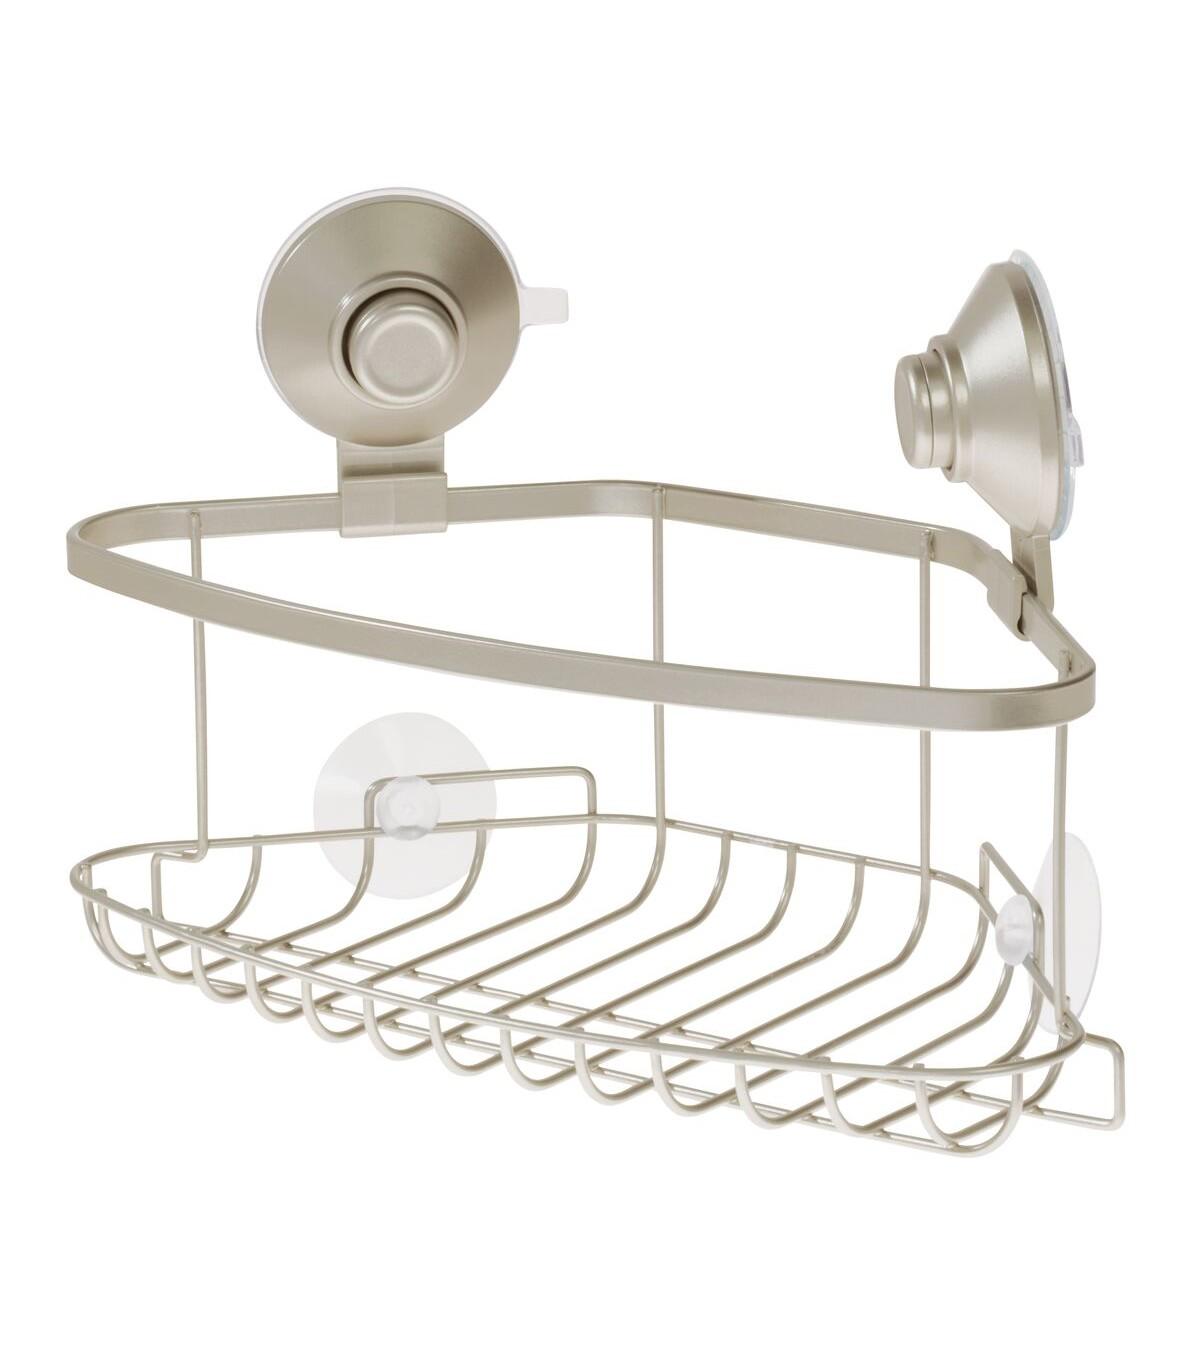 Panier de douche d'angle à ventouse - Argent